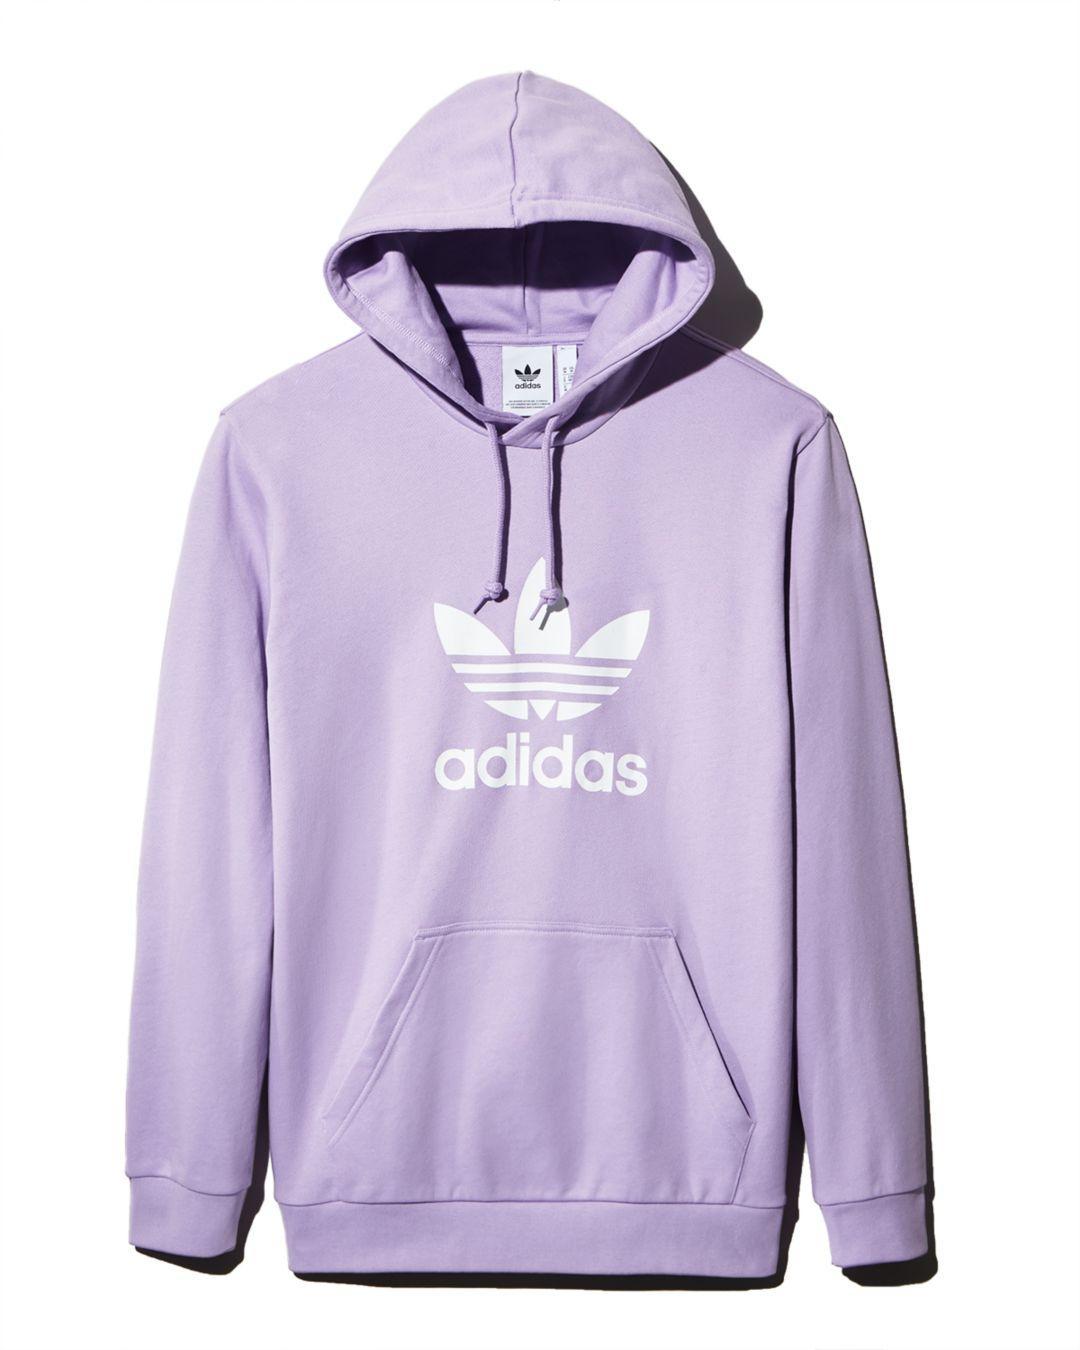 Alinear Inclinado Rectángulo  adidas Originals Trefoil Hoodie in Lavender (Purple) for Men - Lyst